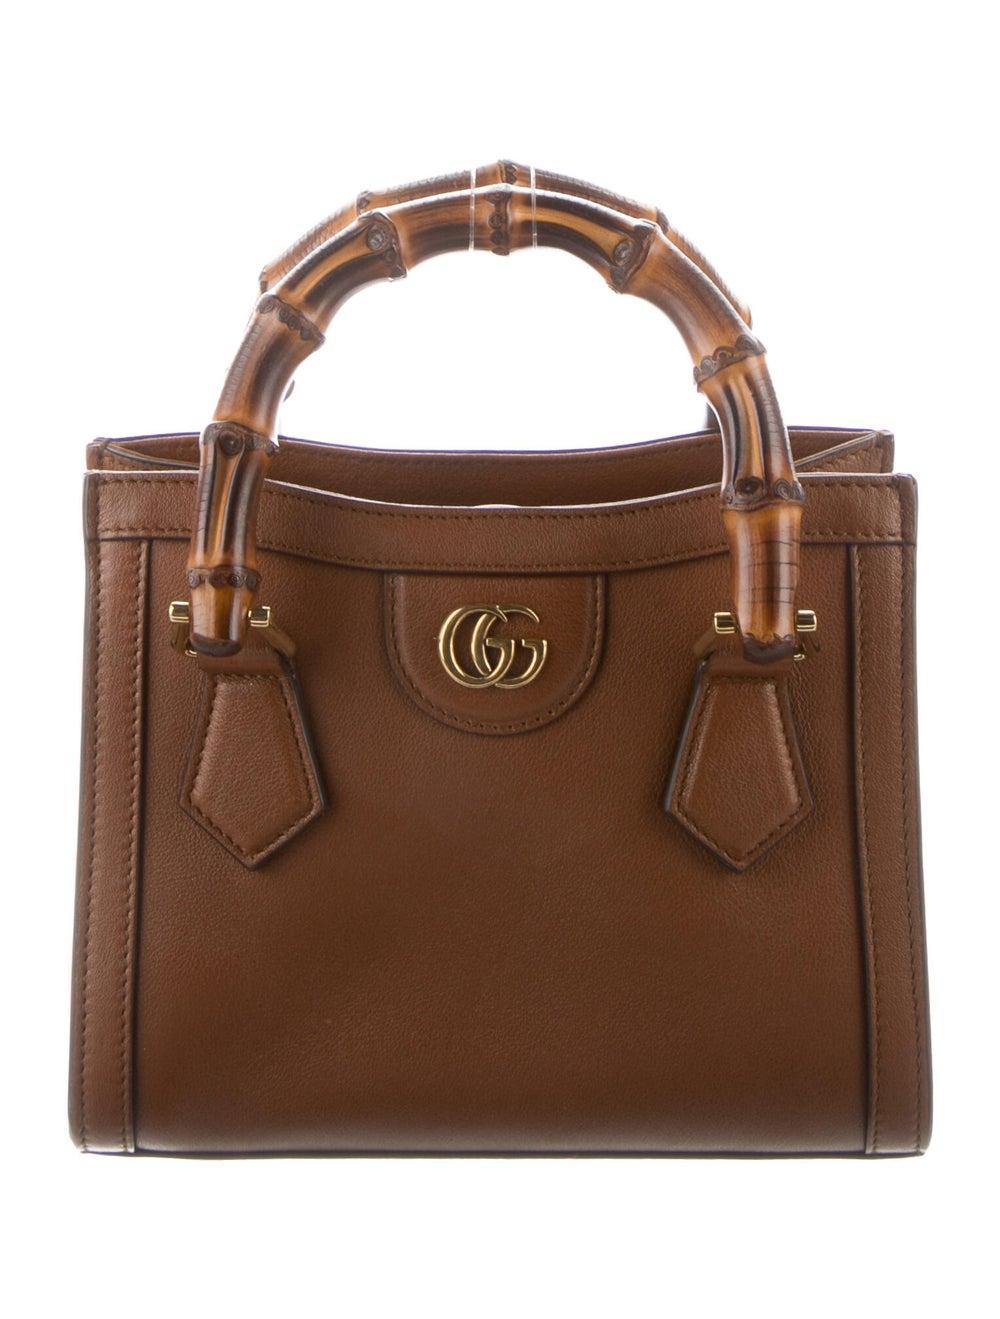 Gucci Gucci Diana Mini Tote Bag Brown - image 1